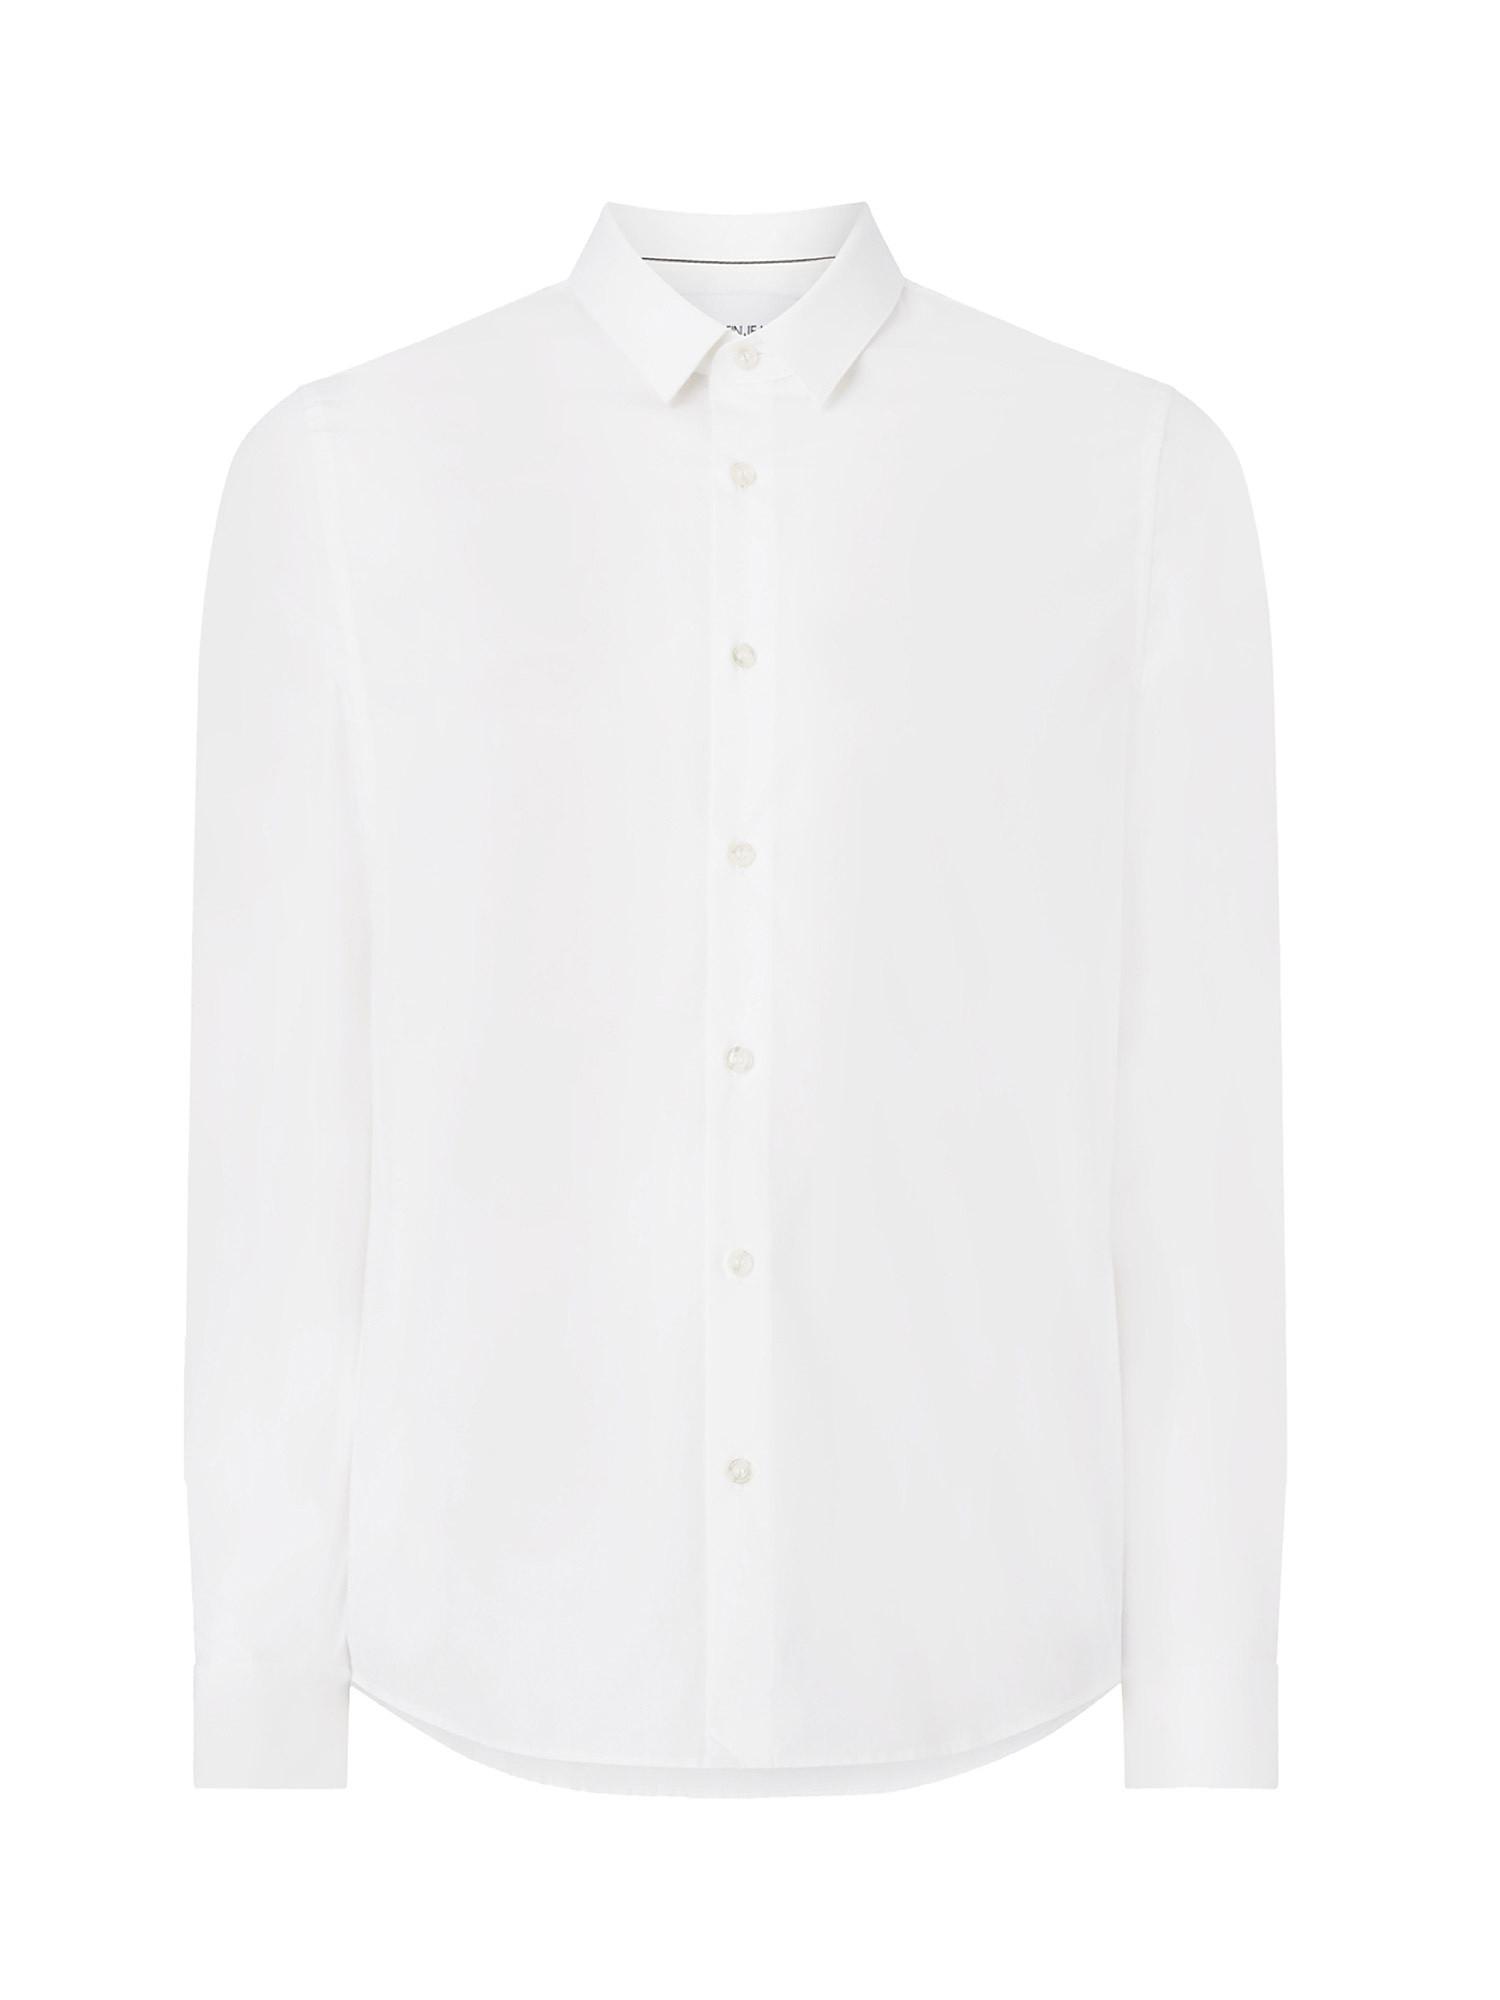 Camicia in cotone elasticizzato, Bianco, large image number 0